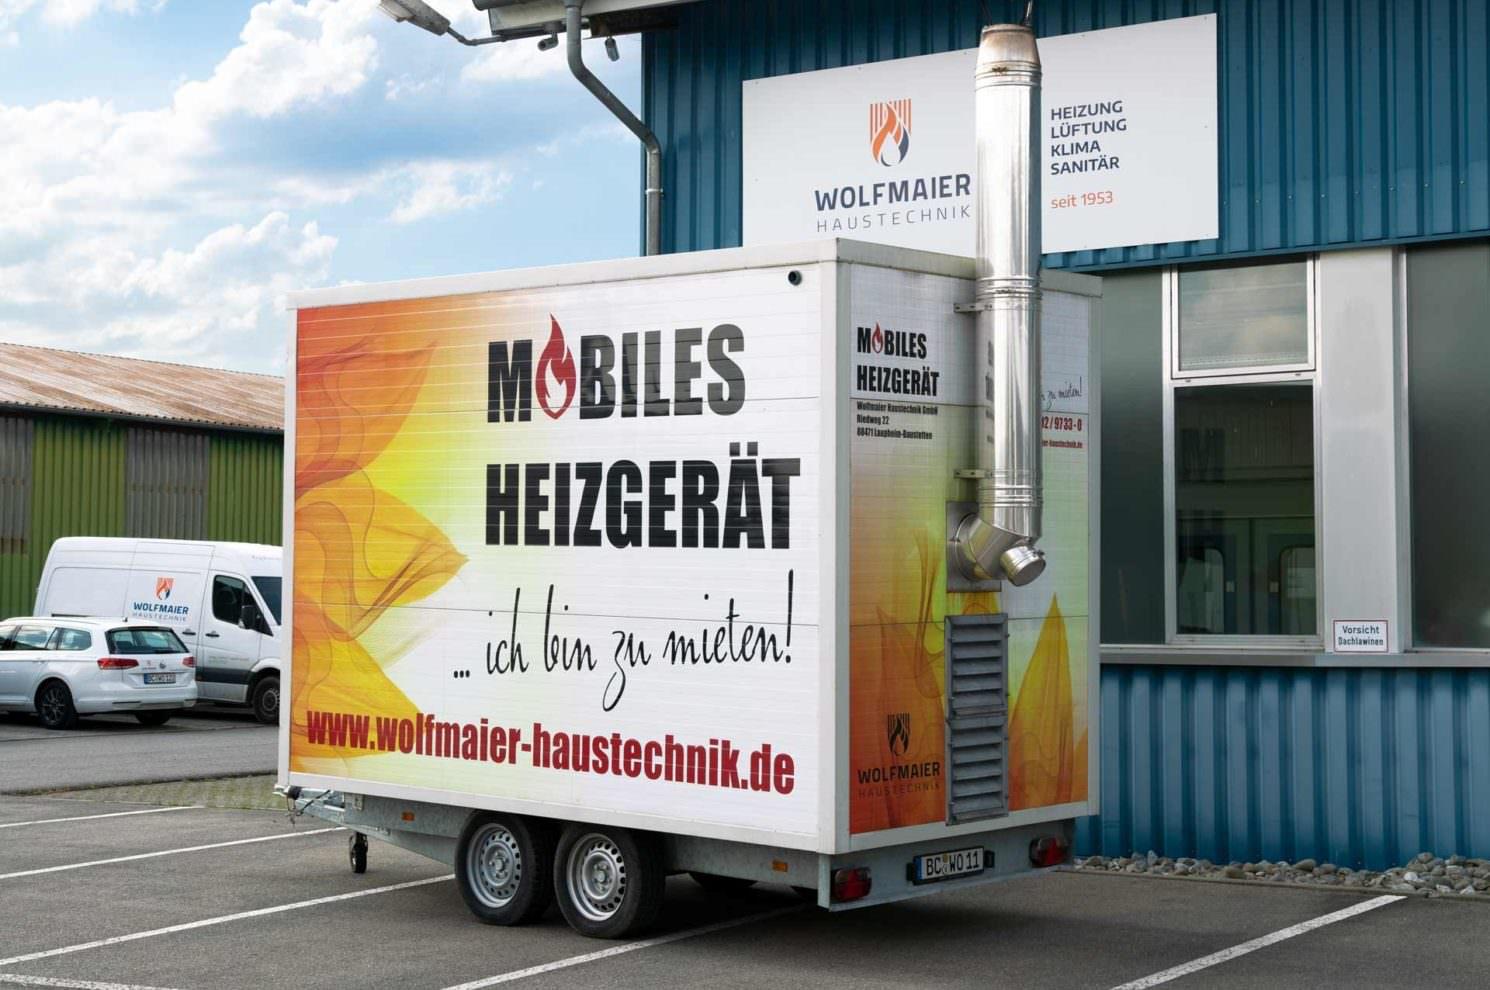 Mobile Heizgeräte